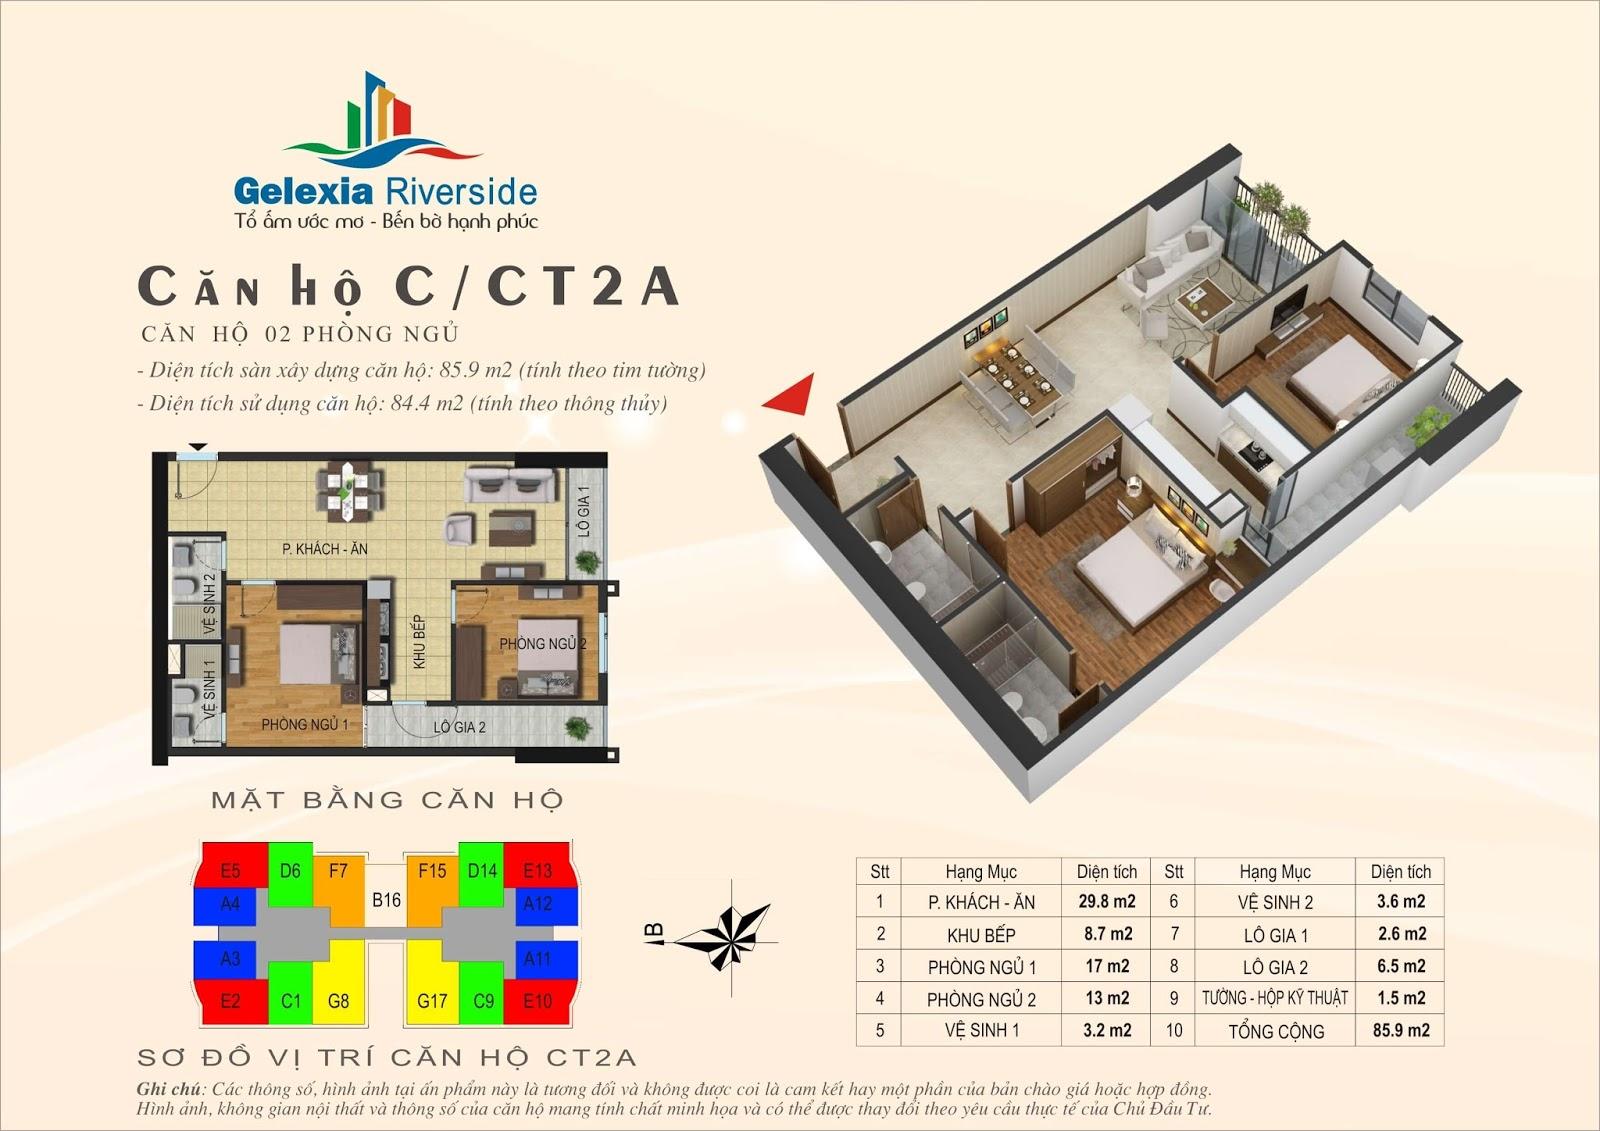 Mặt bằng căn hộ 85,9 m2 tòa CT2A - Gelexia Riverside